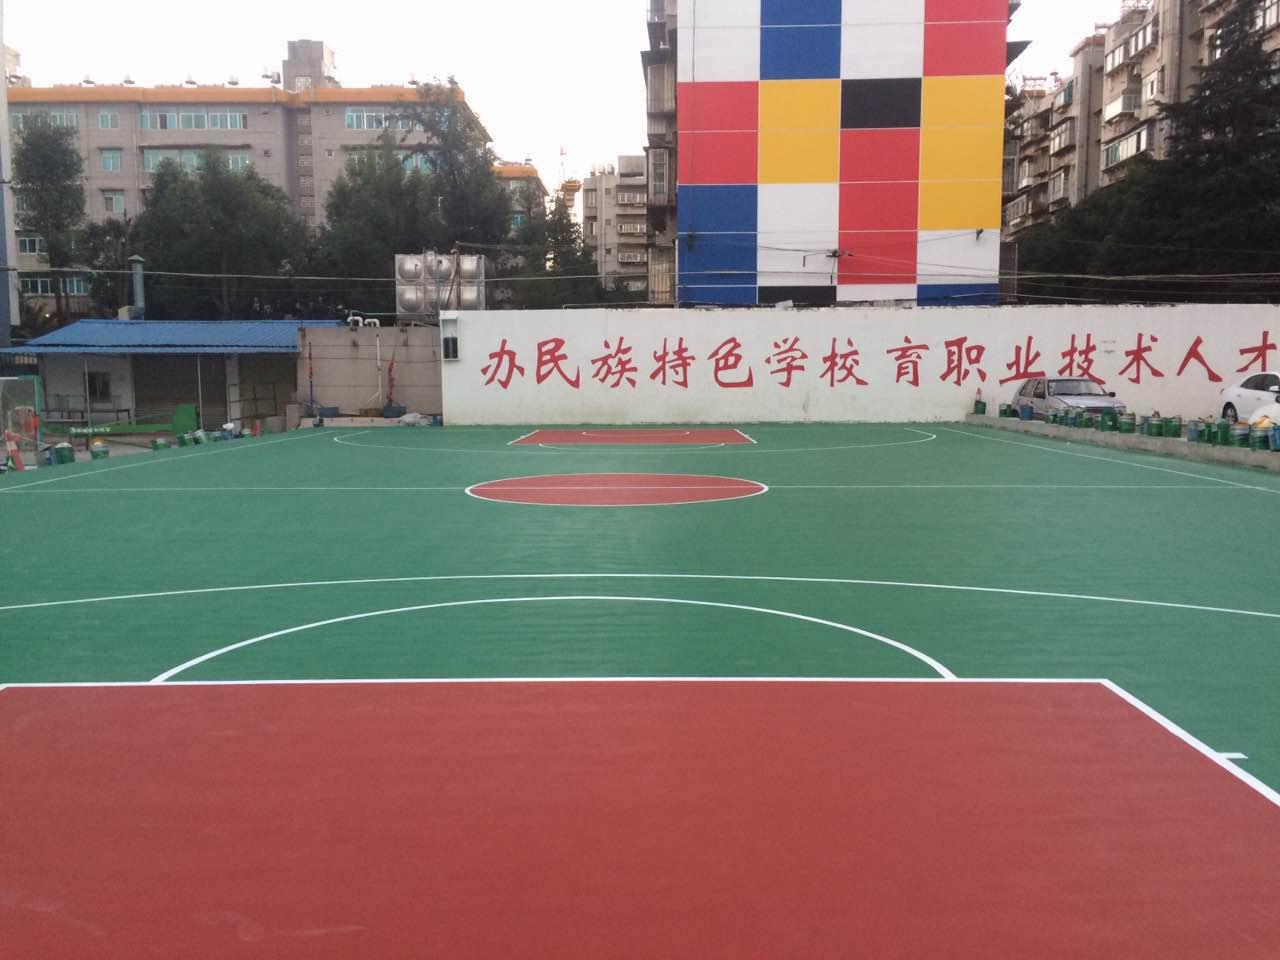 【推荐】东莞具有性价比的水性环保硅pu球场材料——九江硅pu球场材料厂家